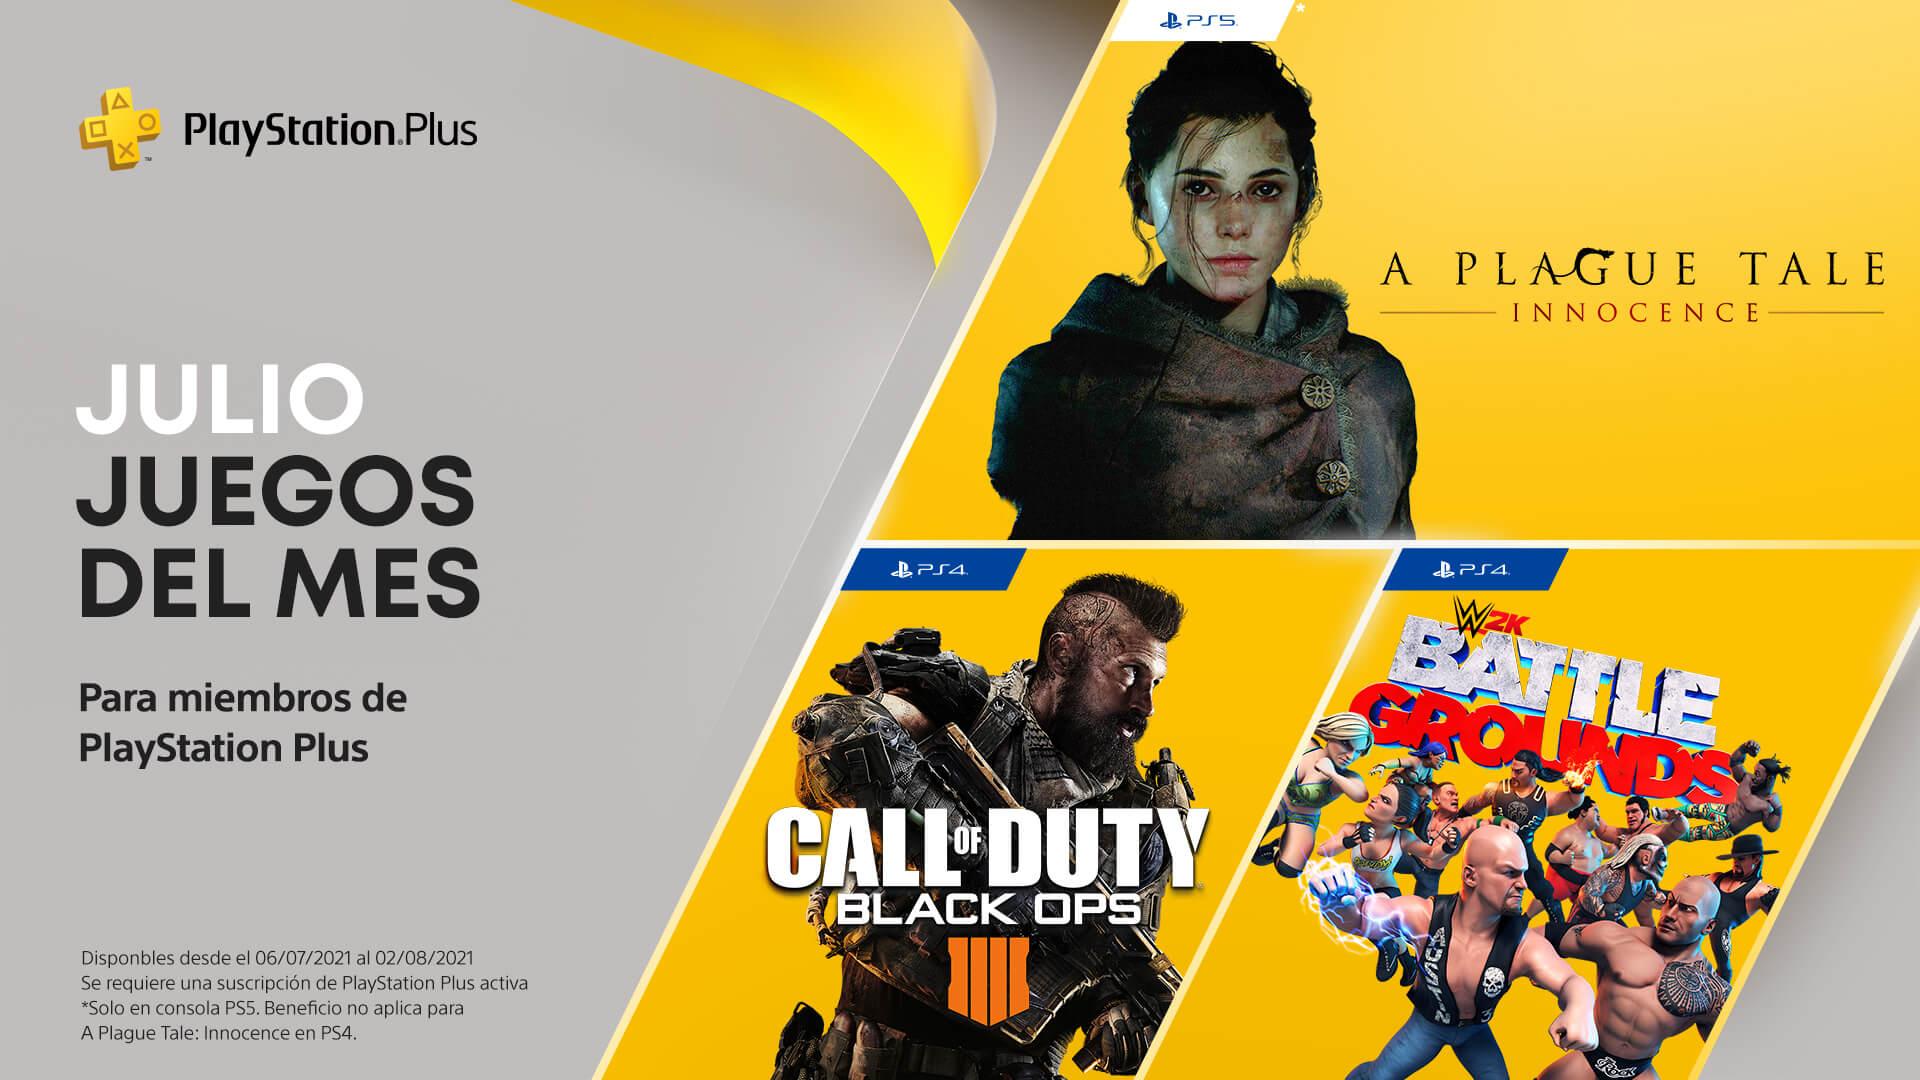 A Plague Tale: Innocence encabeza los juegos gratis de PS Plus en julio